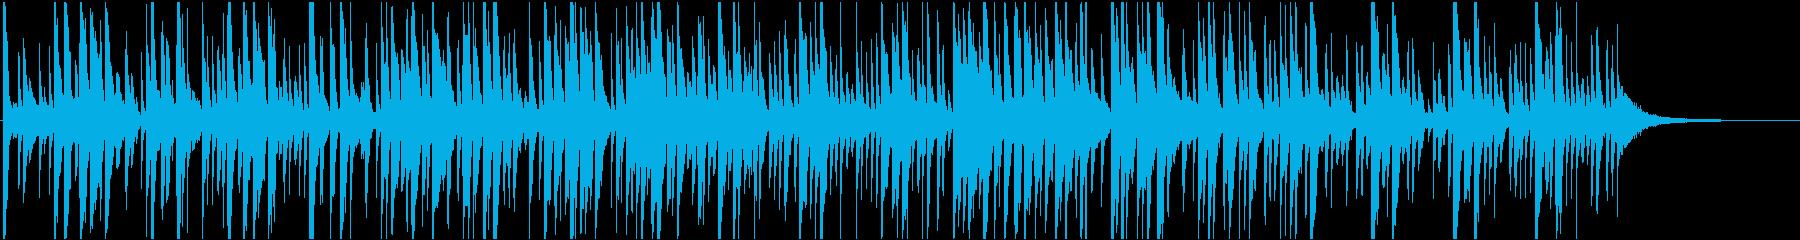 爽やか映像に キース風洗練ピアノジャズの再生済みの波形